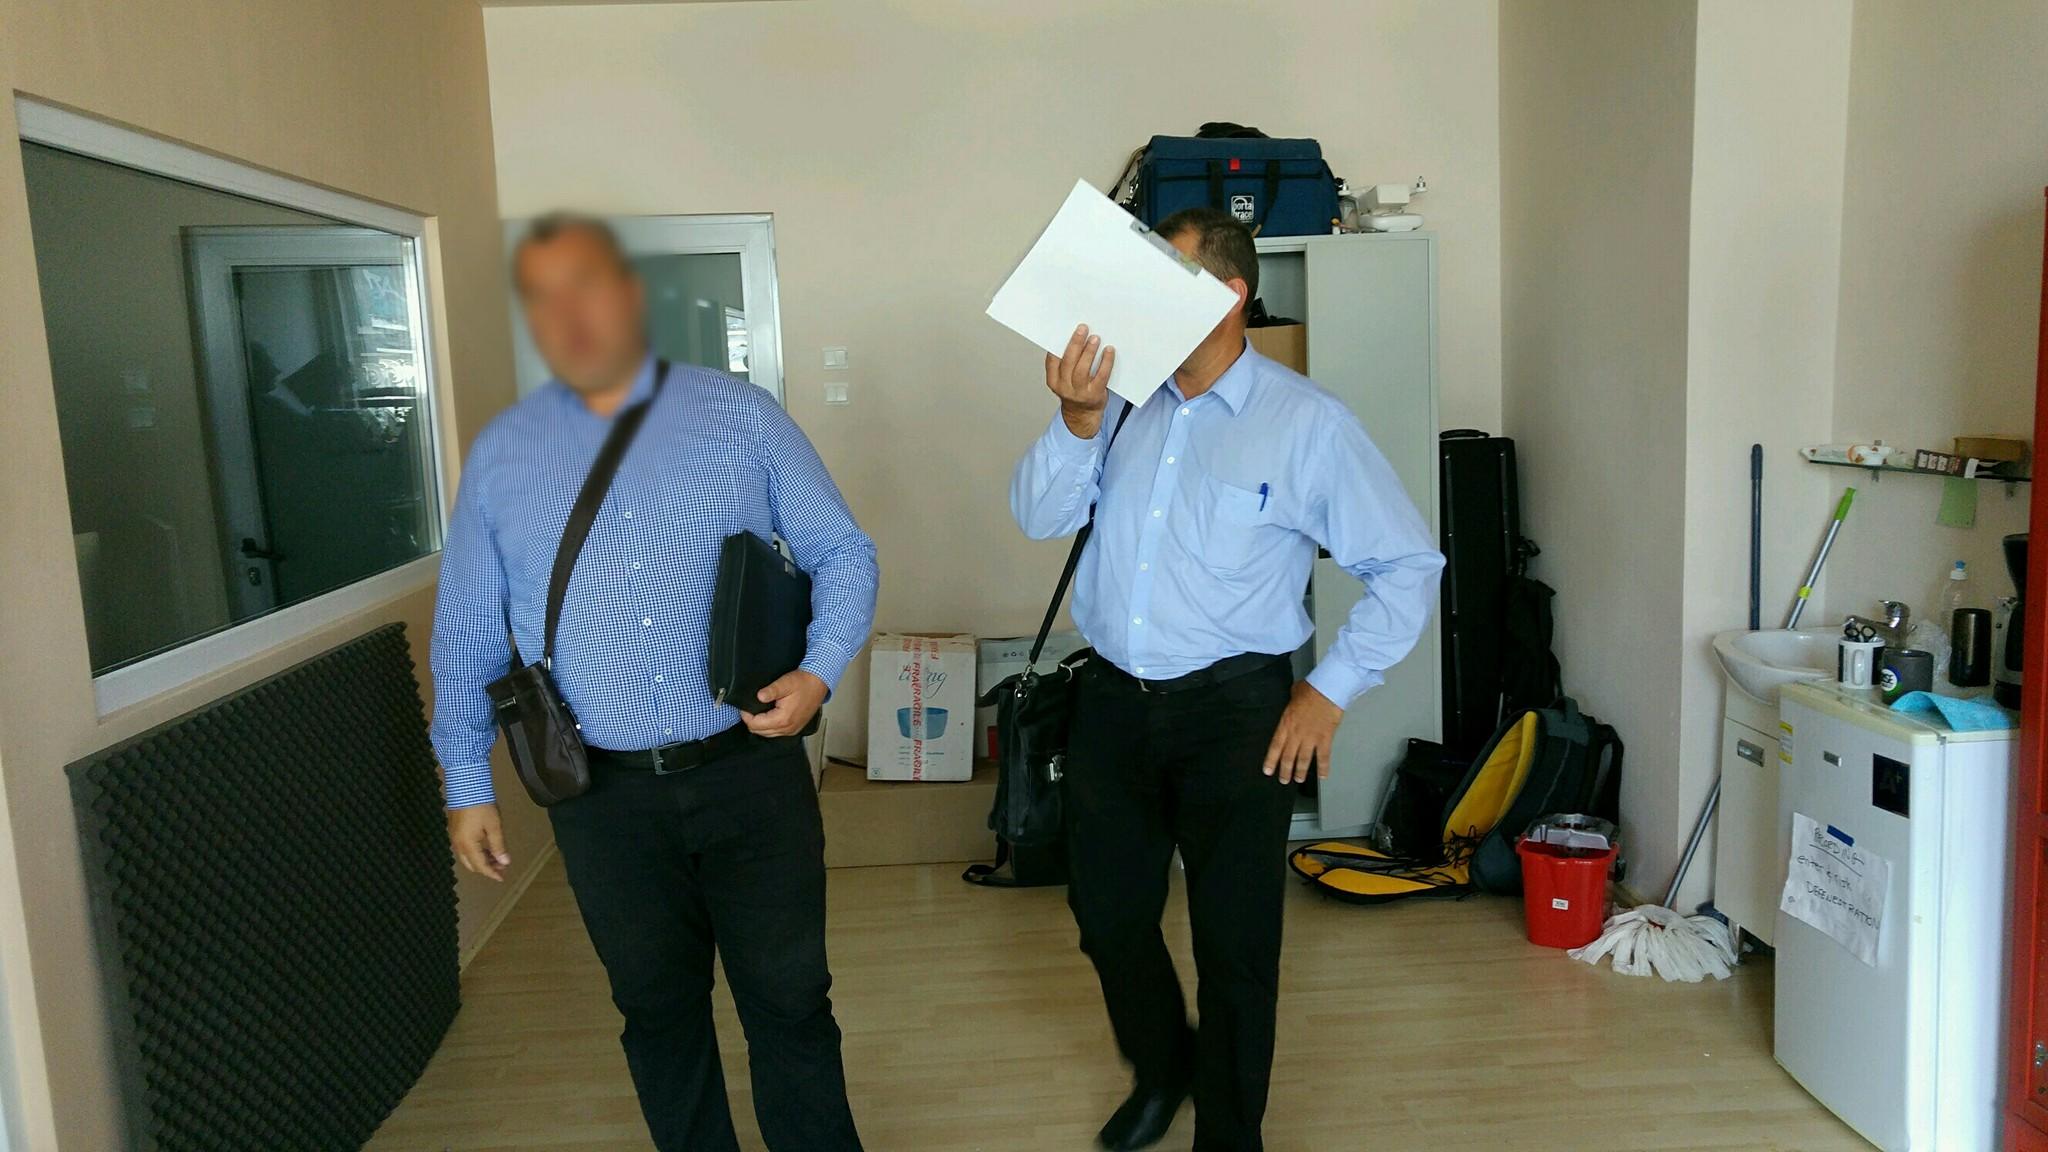 Cei doi inspectori ANAF trimiși la sediul RISE Project